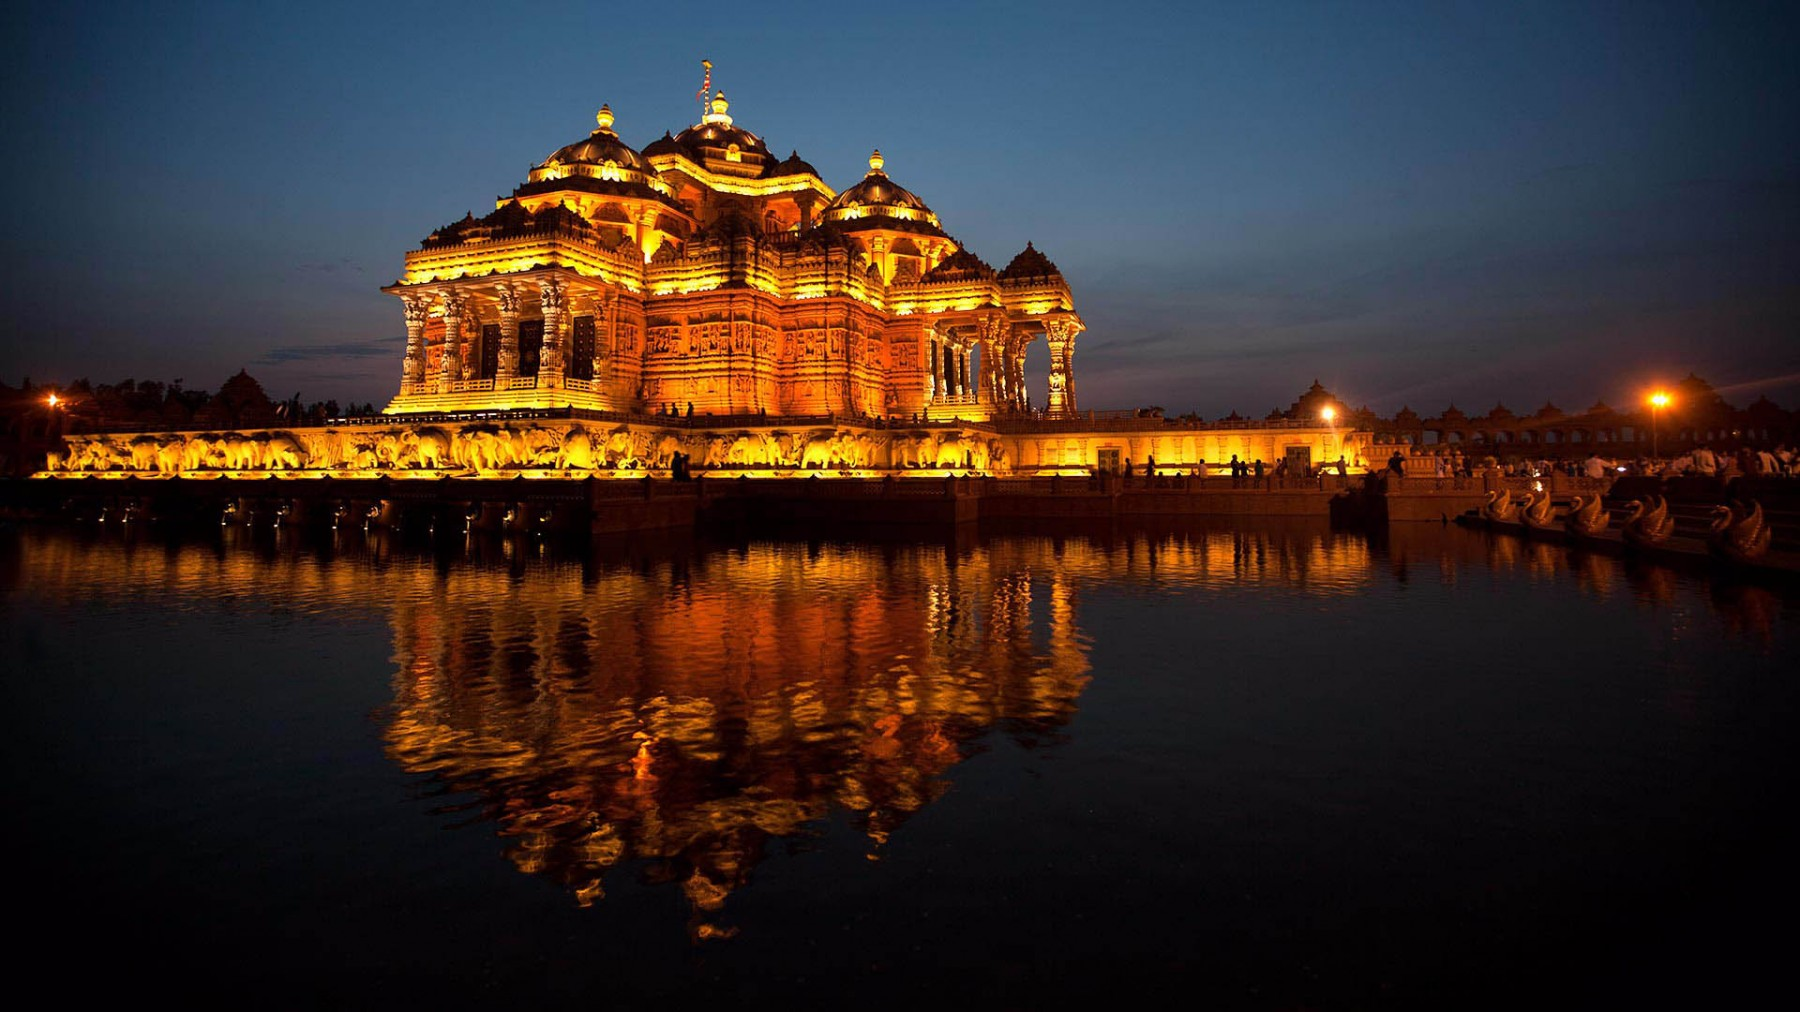 معبد آکشاردهام دهلی نو هند